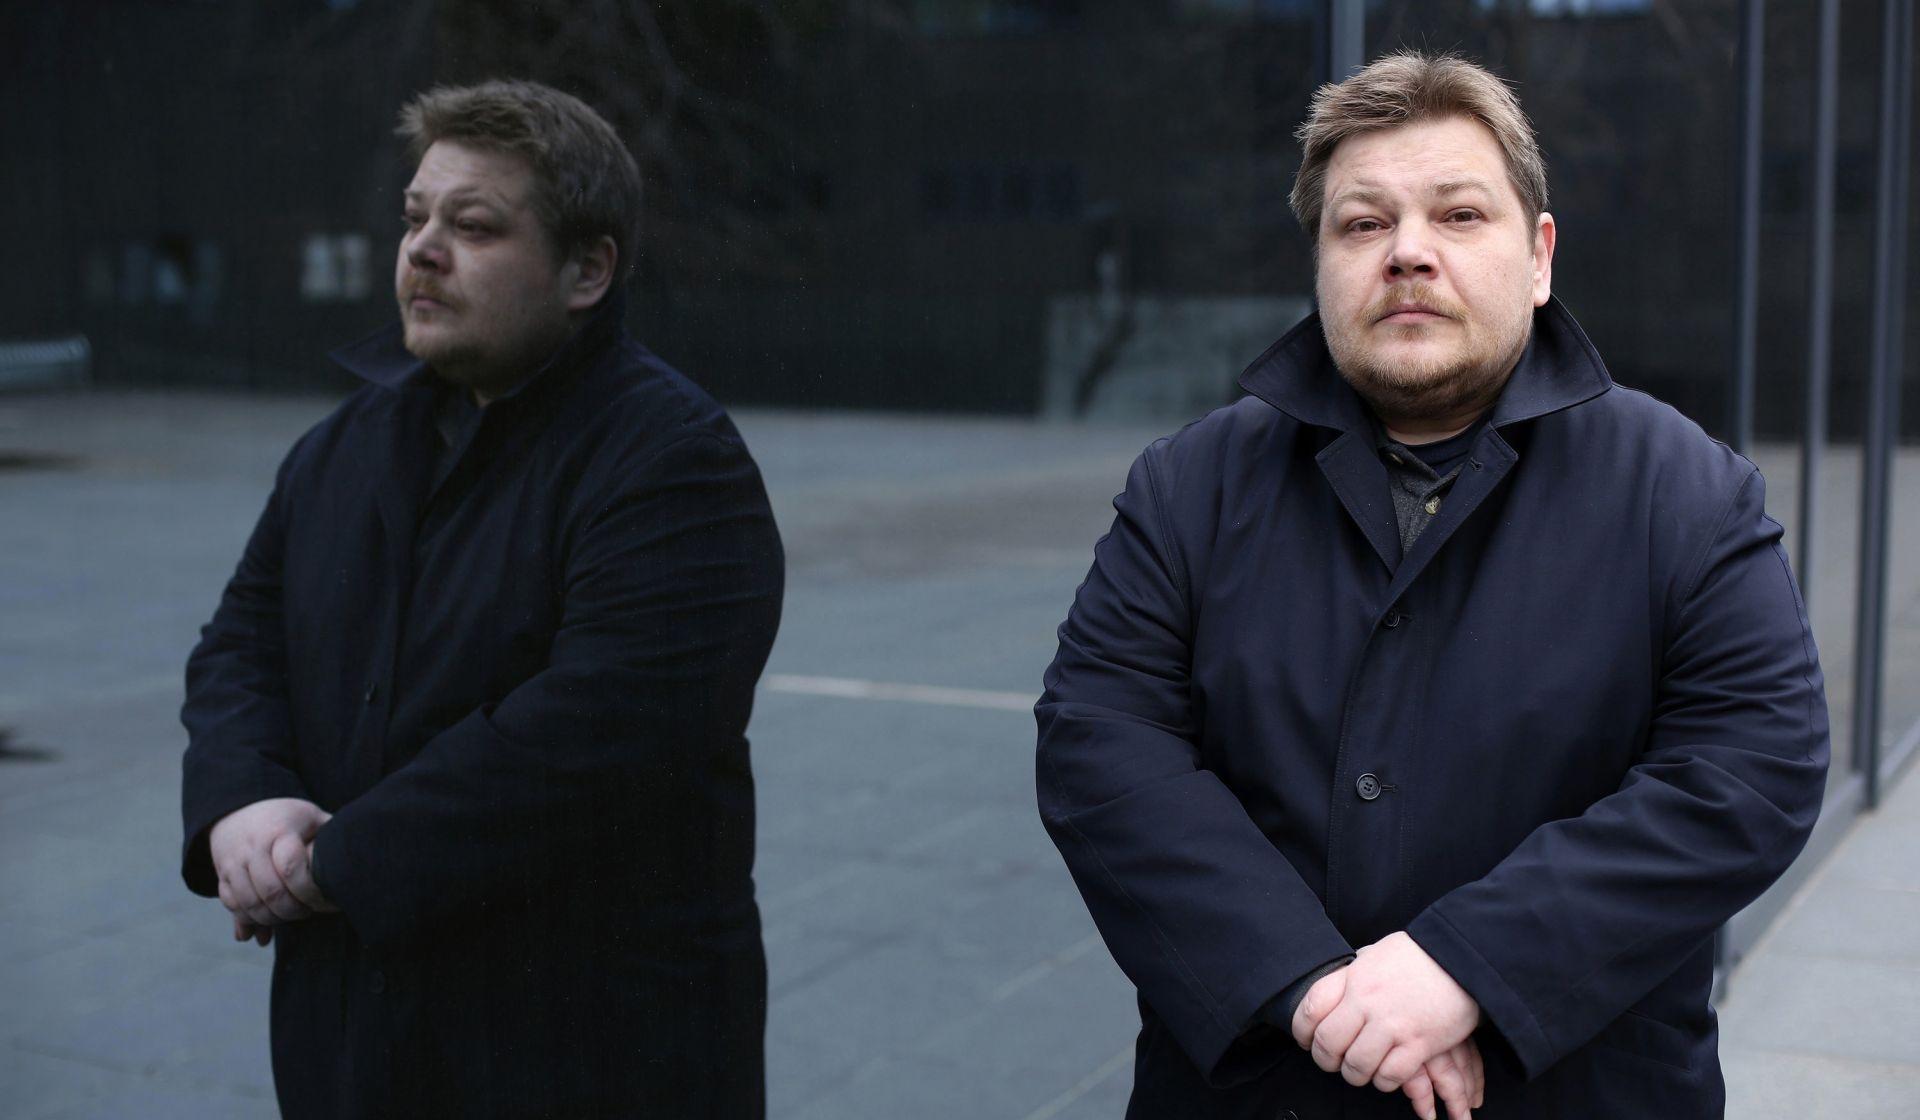 """RAČAN OBJAVIO FOTOGRAFIJU SRDAČNOG POZDRAVA MILANOVIĆA I PLENKOVIĆA """"Možda je došlo vrijeme da HDz više ne bude stranka isključivosti"""""""